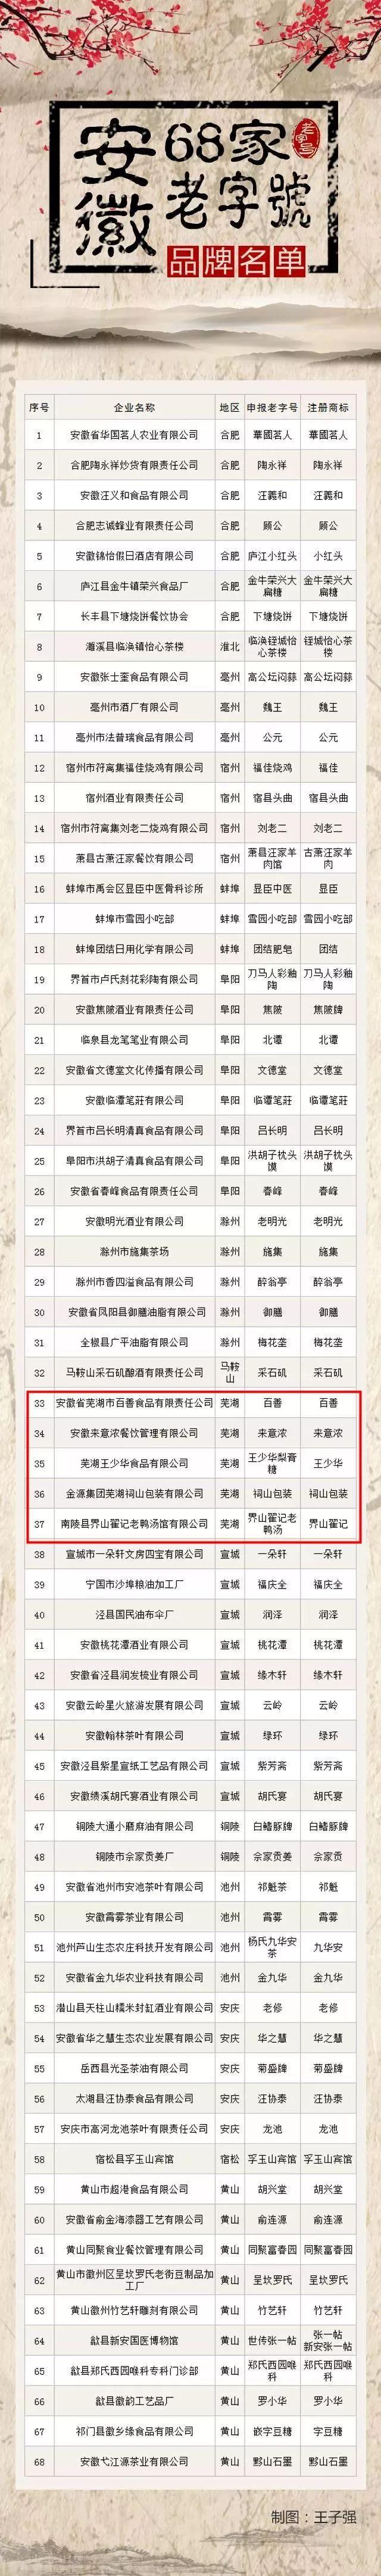 安徽老字号名单公布,芜湖4大餐饮美食实力上榜,你都吃过吗?